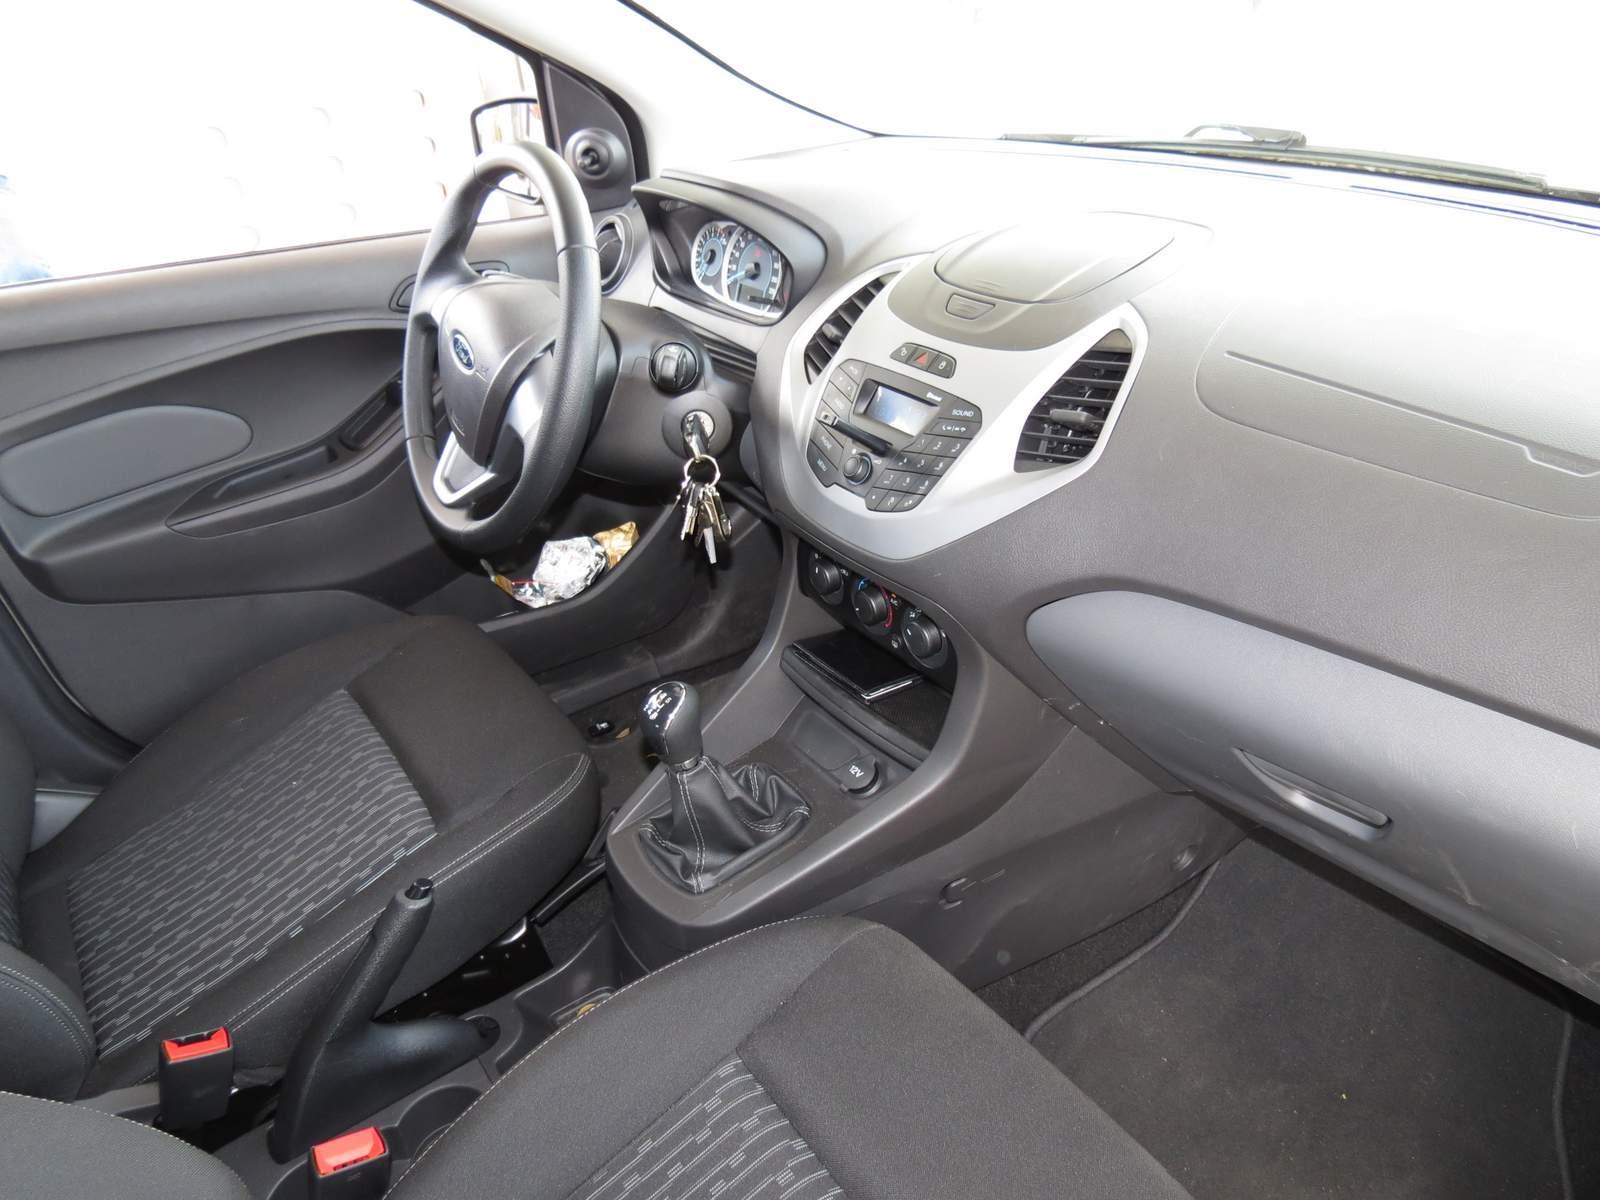 novo ford ka consumo m dio e impress es femininas car